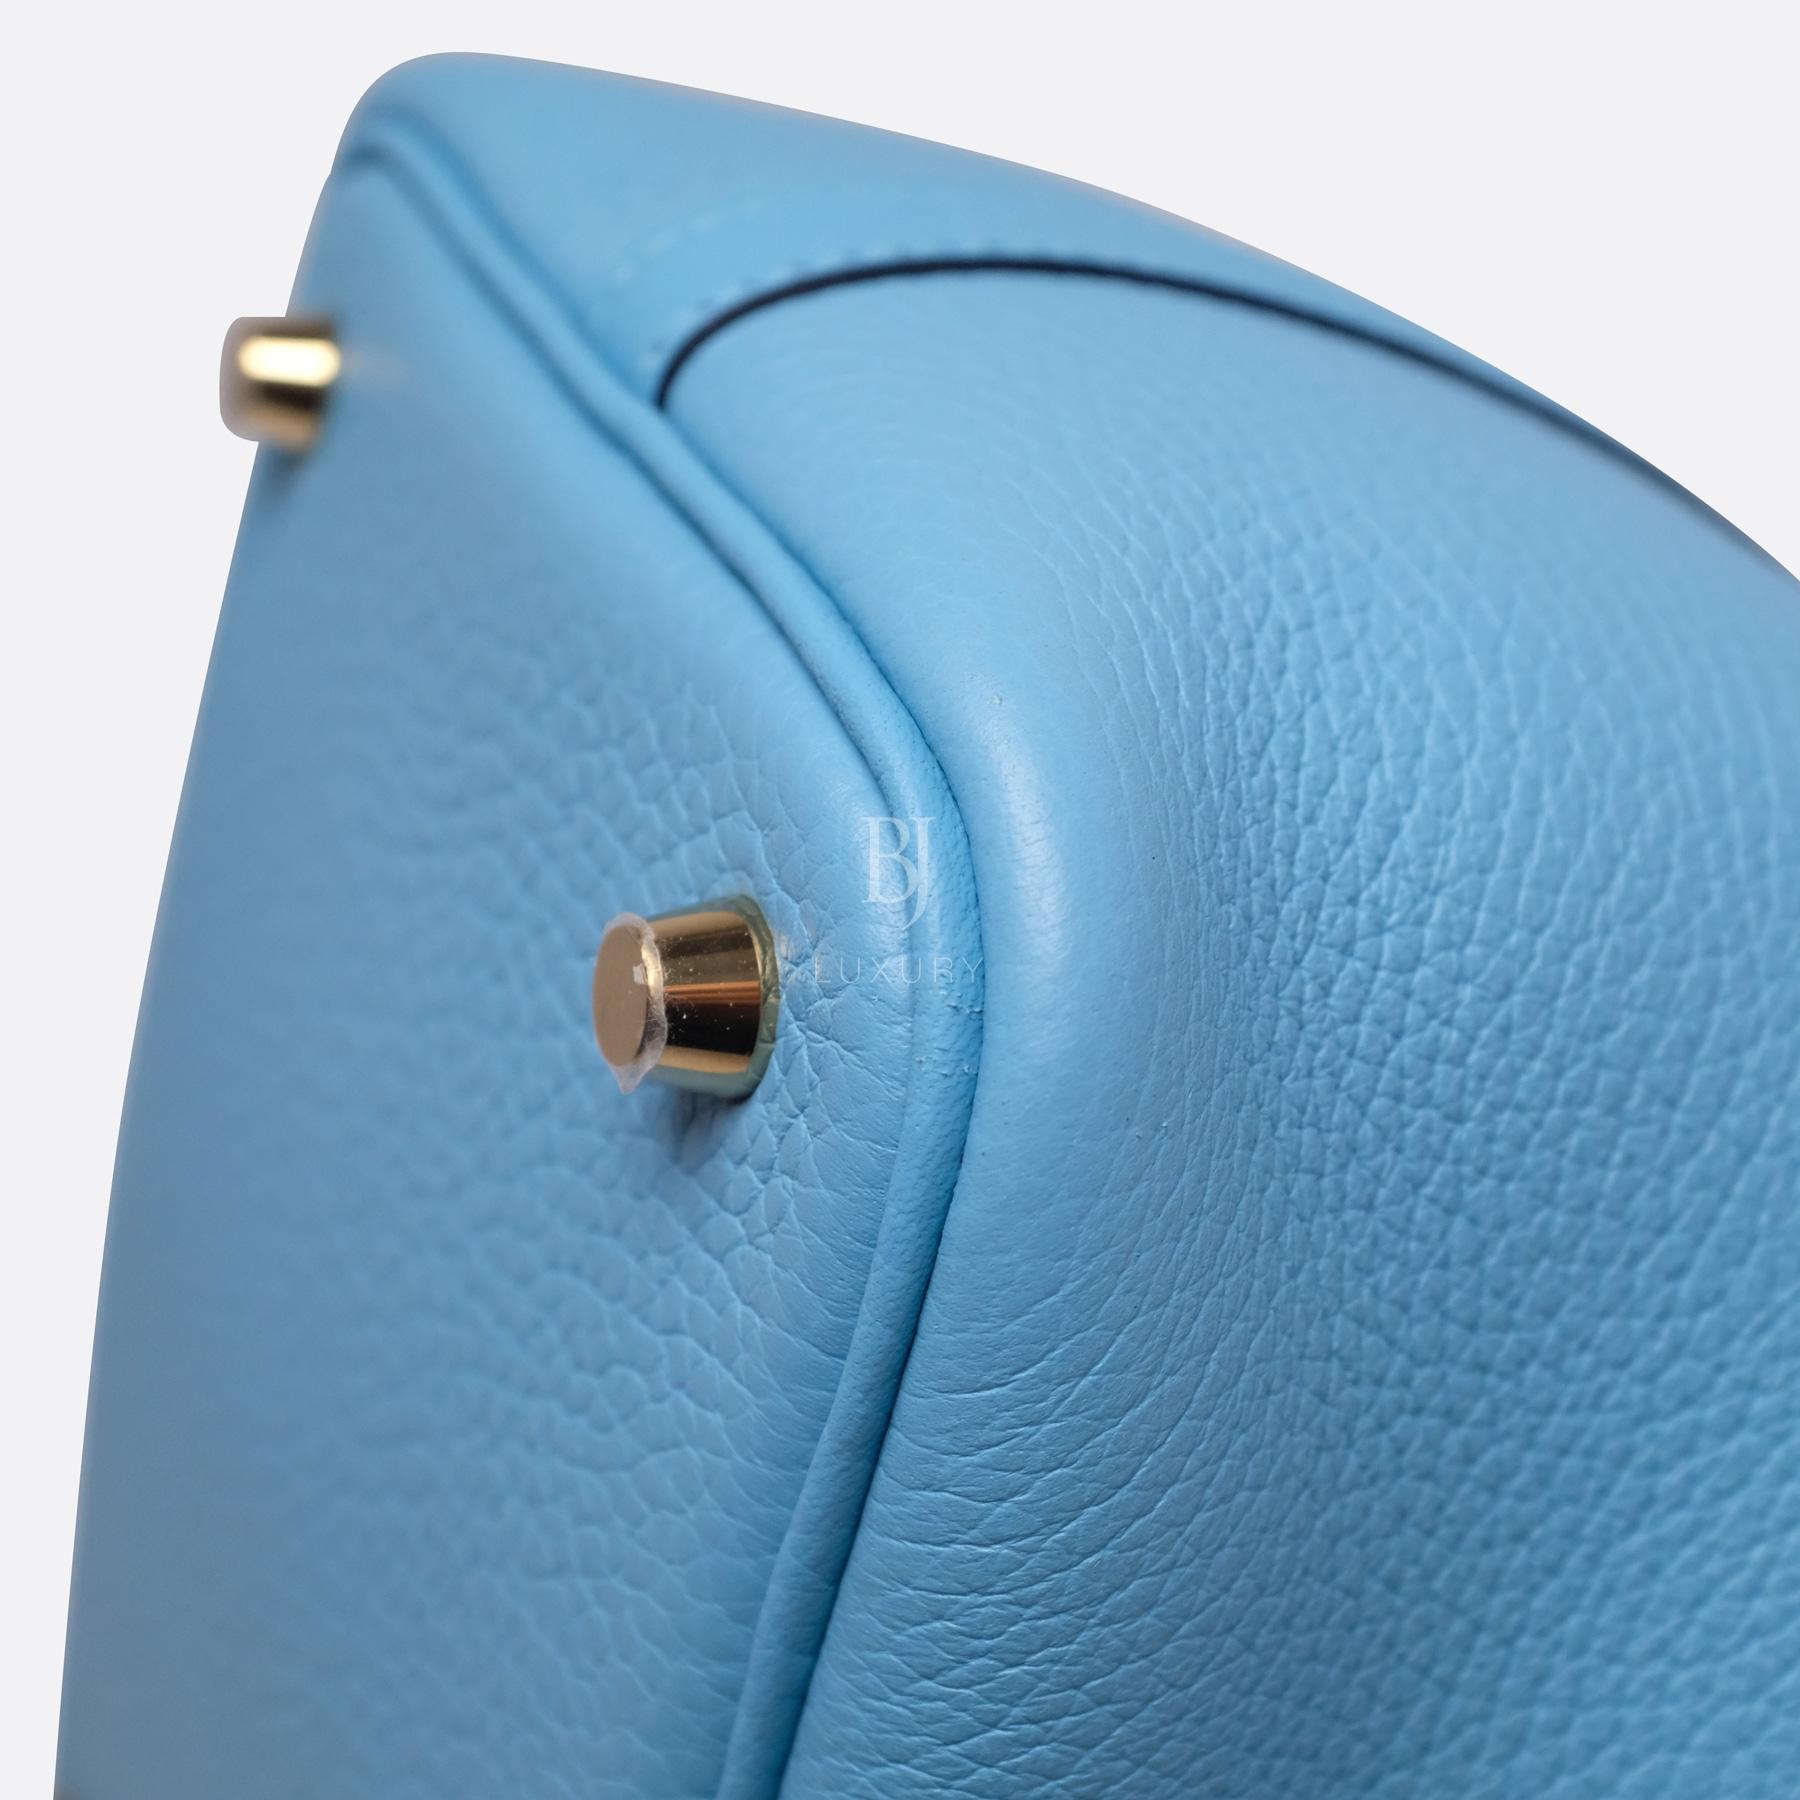 Hermes Picotin 18 Bleu Du Nord Clemence Gold BJ Luxury 9.jpg